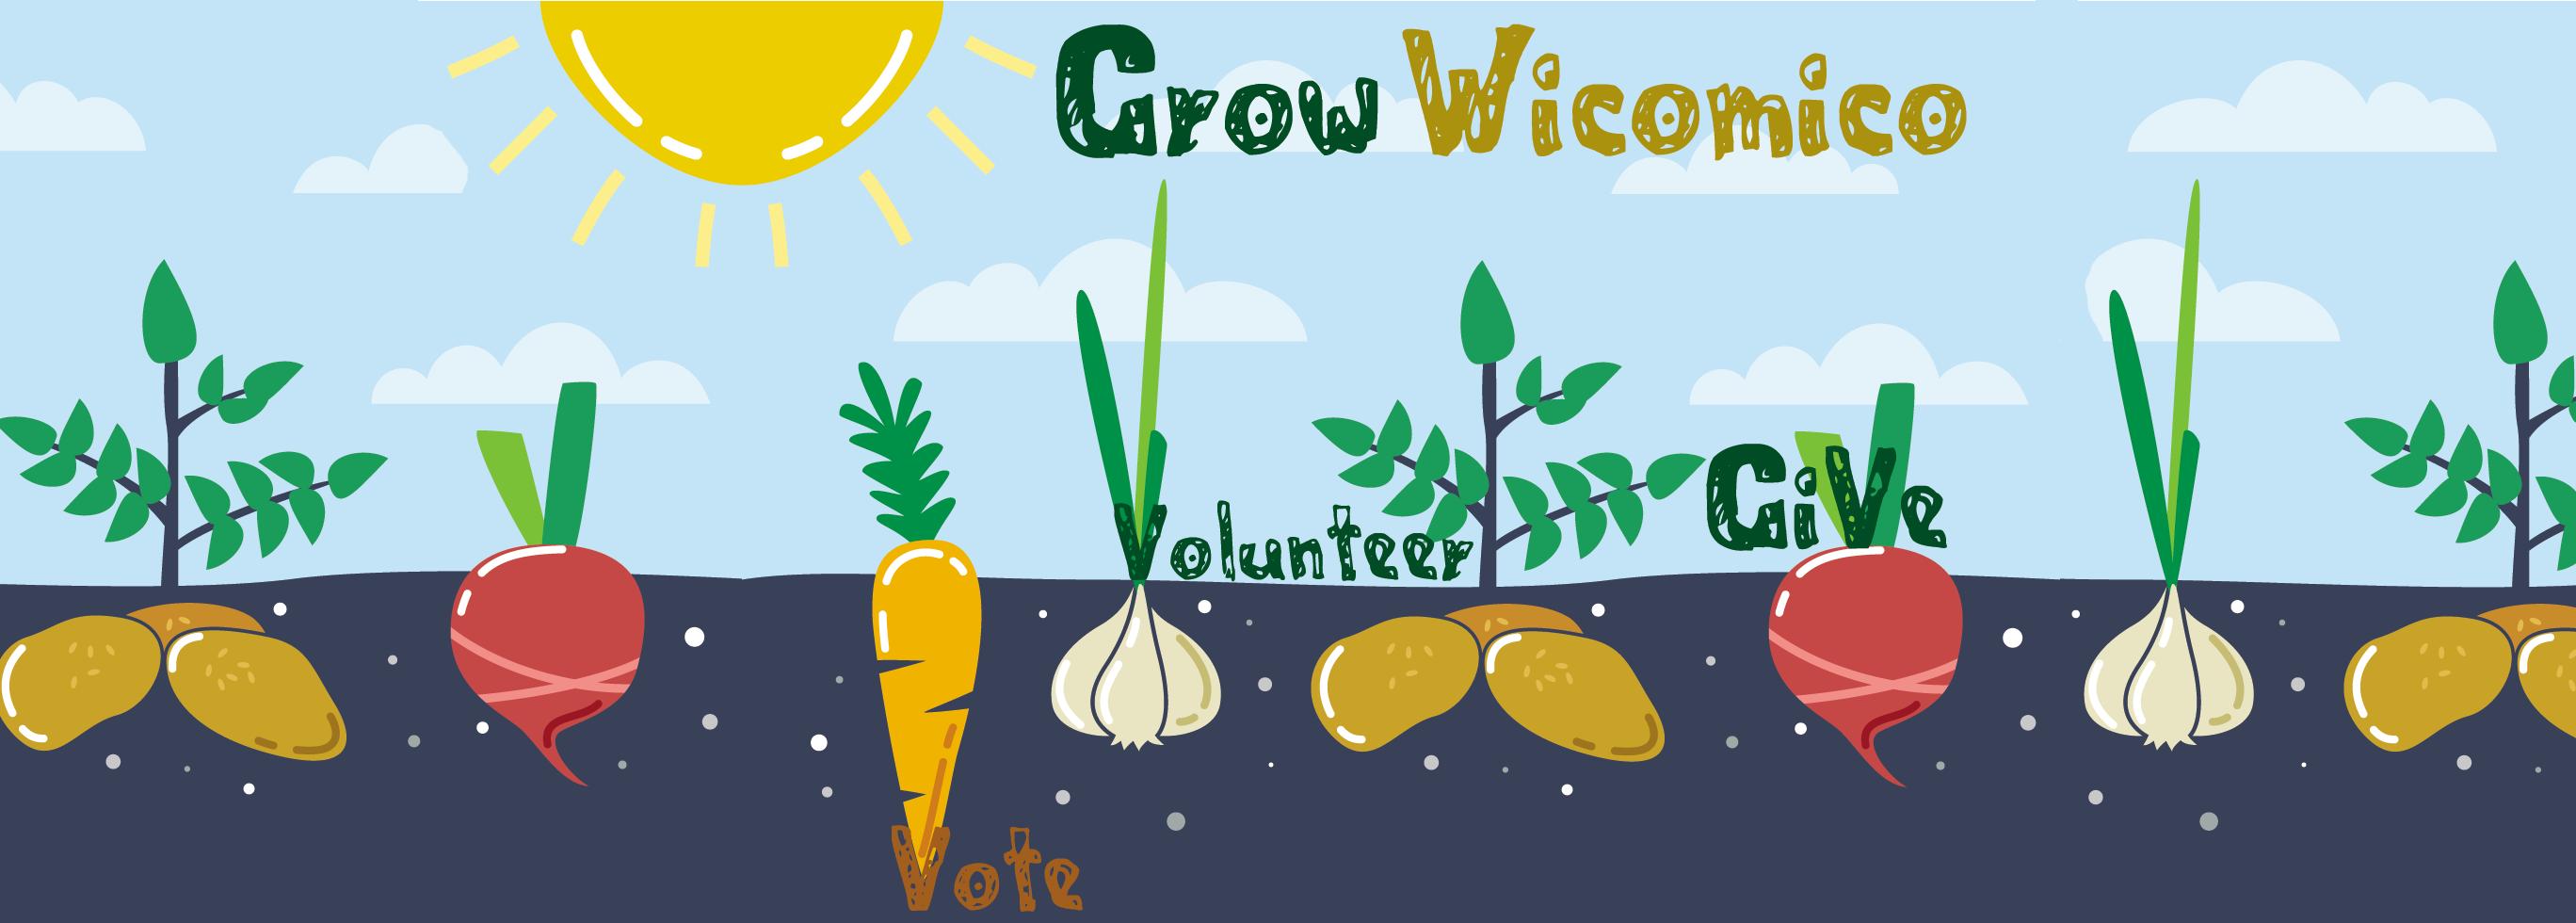 growwicomico.png